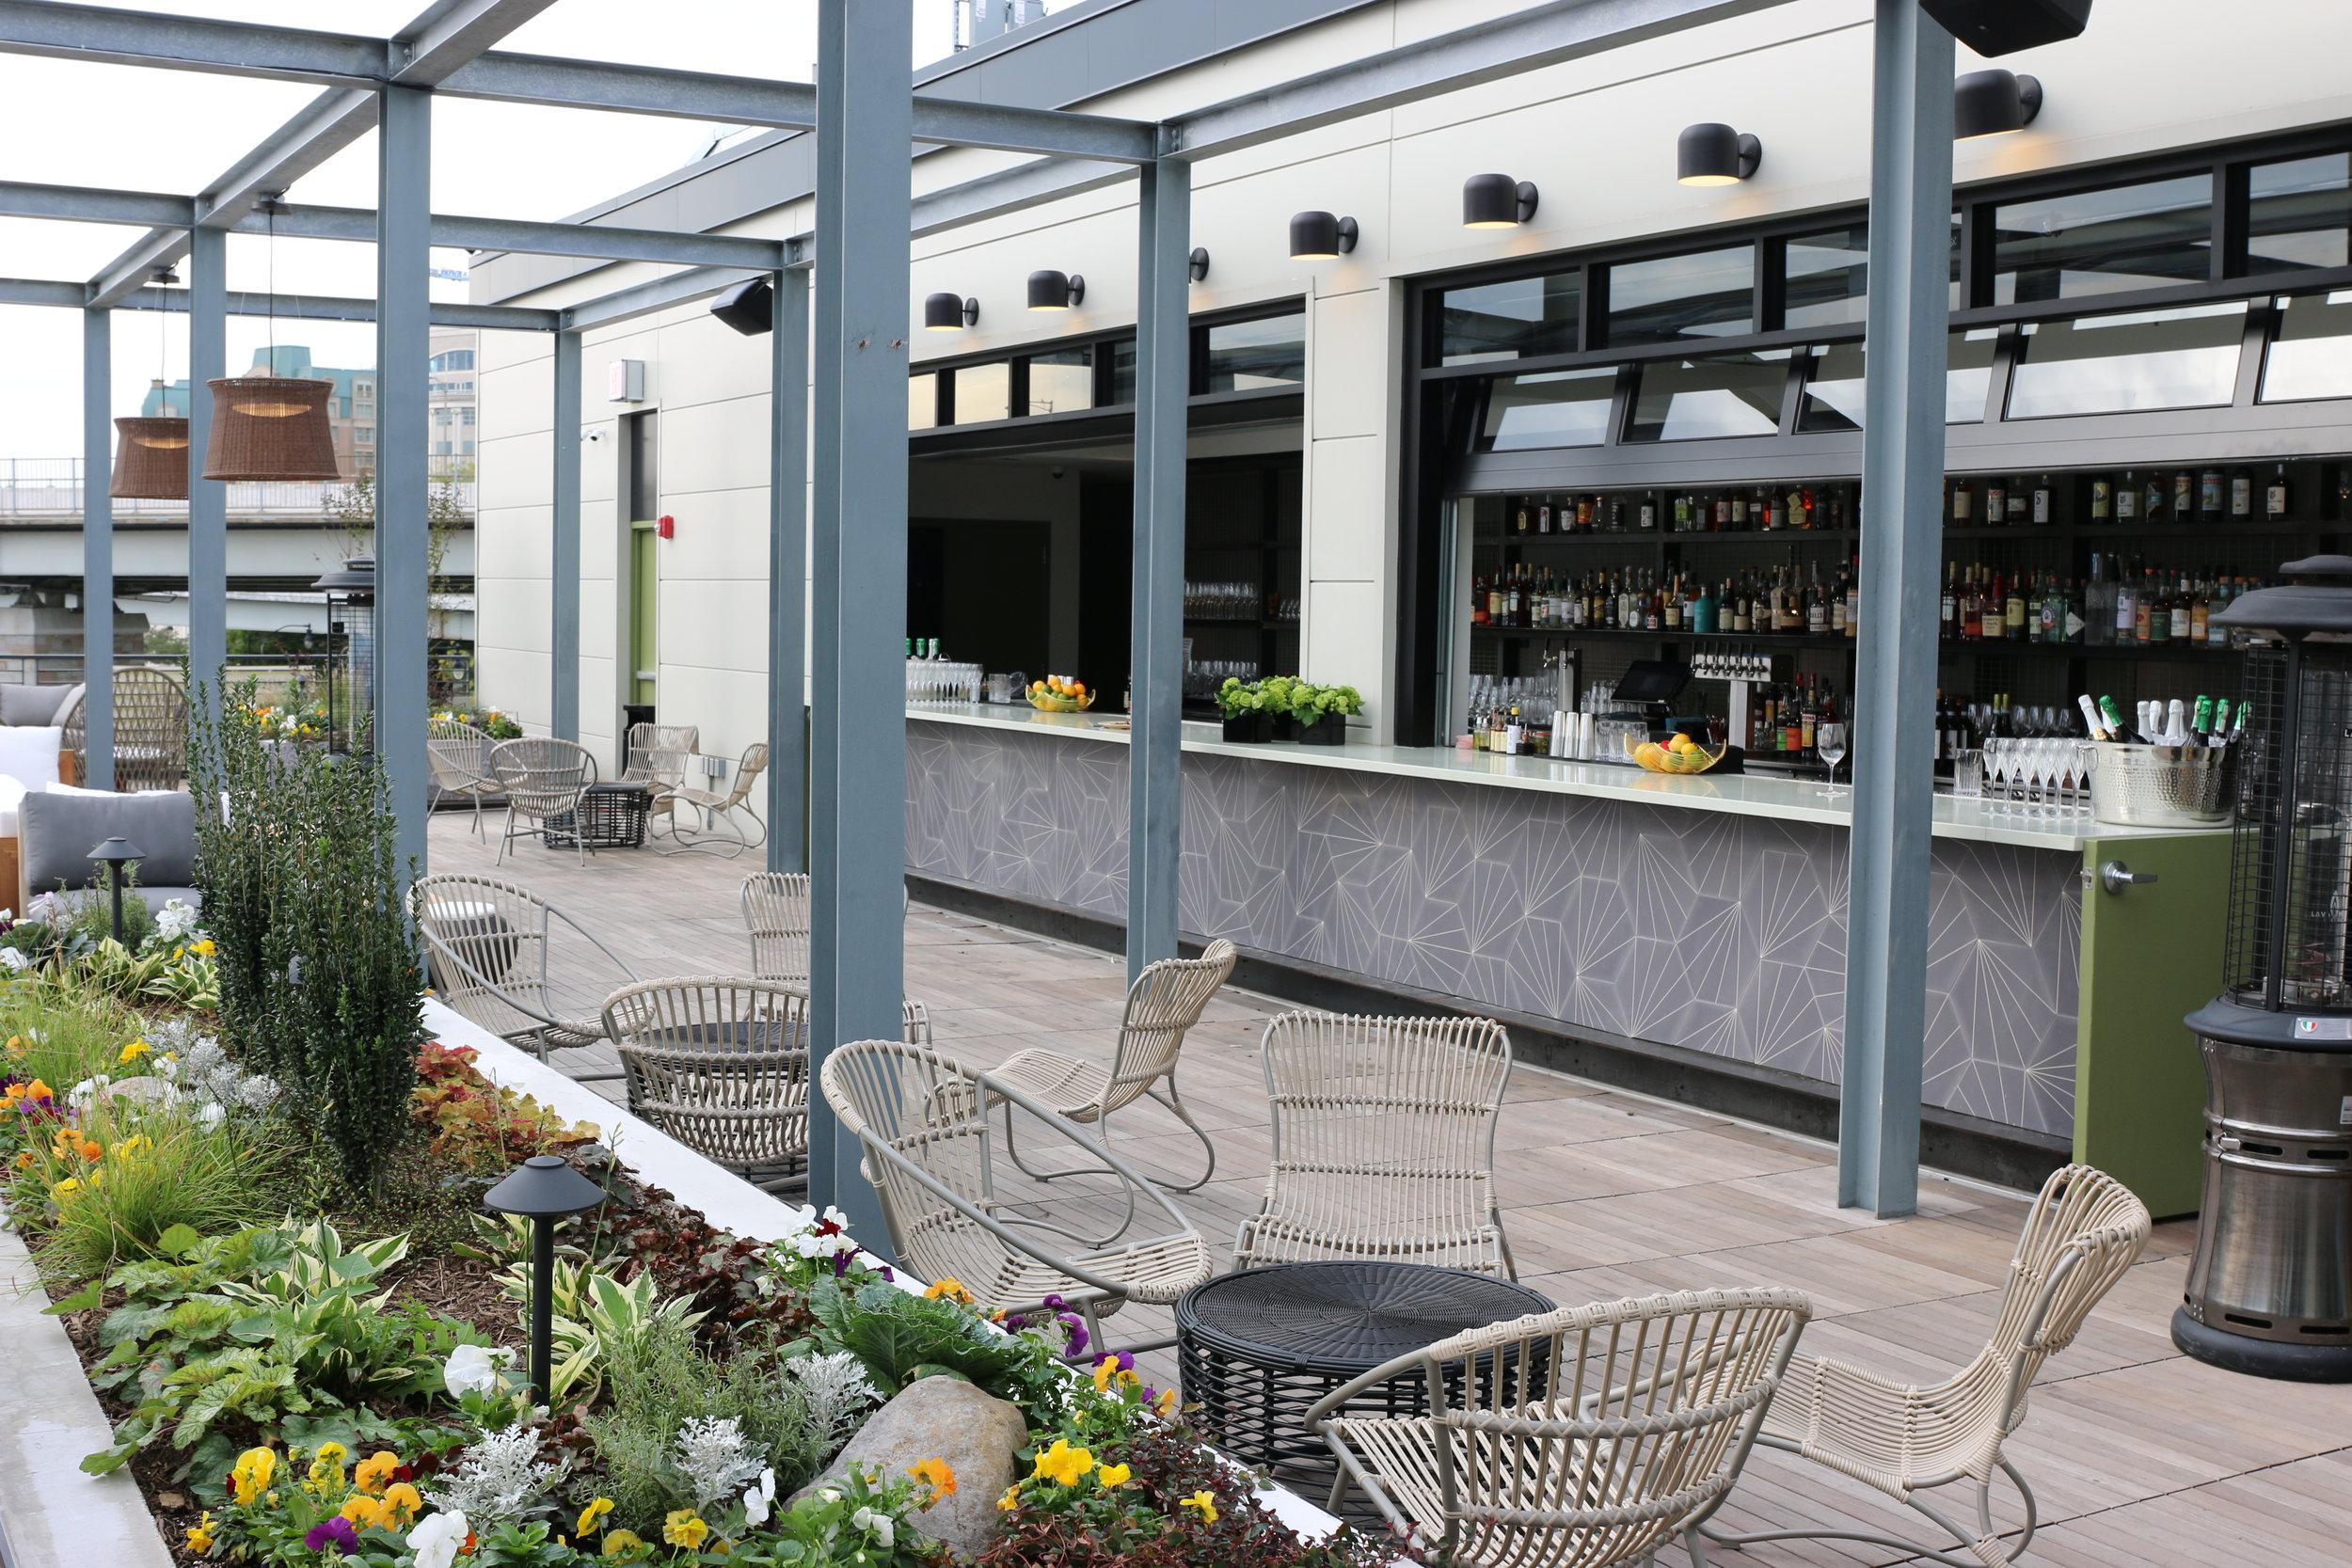 Terrazza Officina Italian Restaurant Market Dc